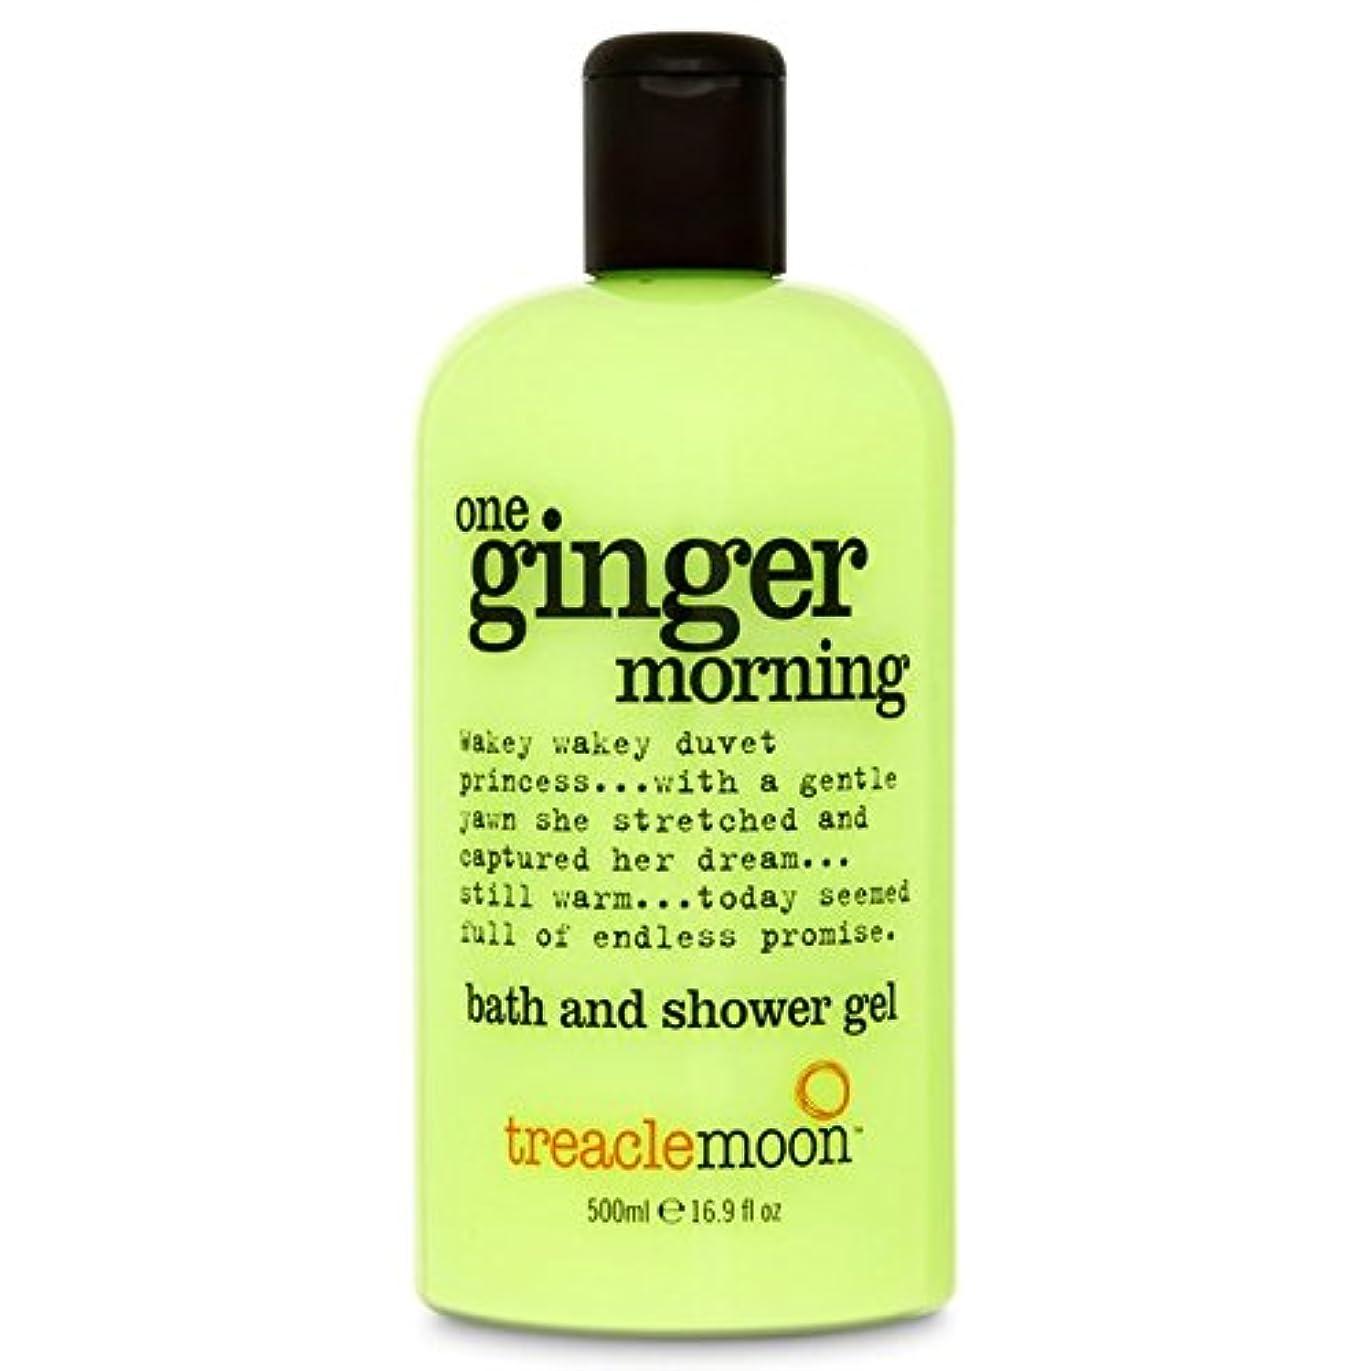 糖蜜ムーンジンジャーバス&シャワージェル500ミリリットル x2 - Treacle Moon Ginger Bath & Shower Gel 500ml (Pack of 2) [並行輸入品]